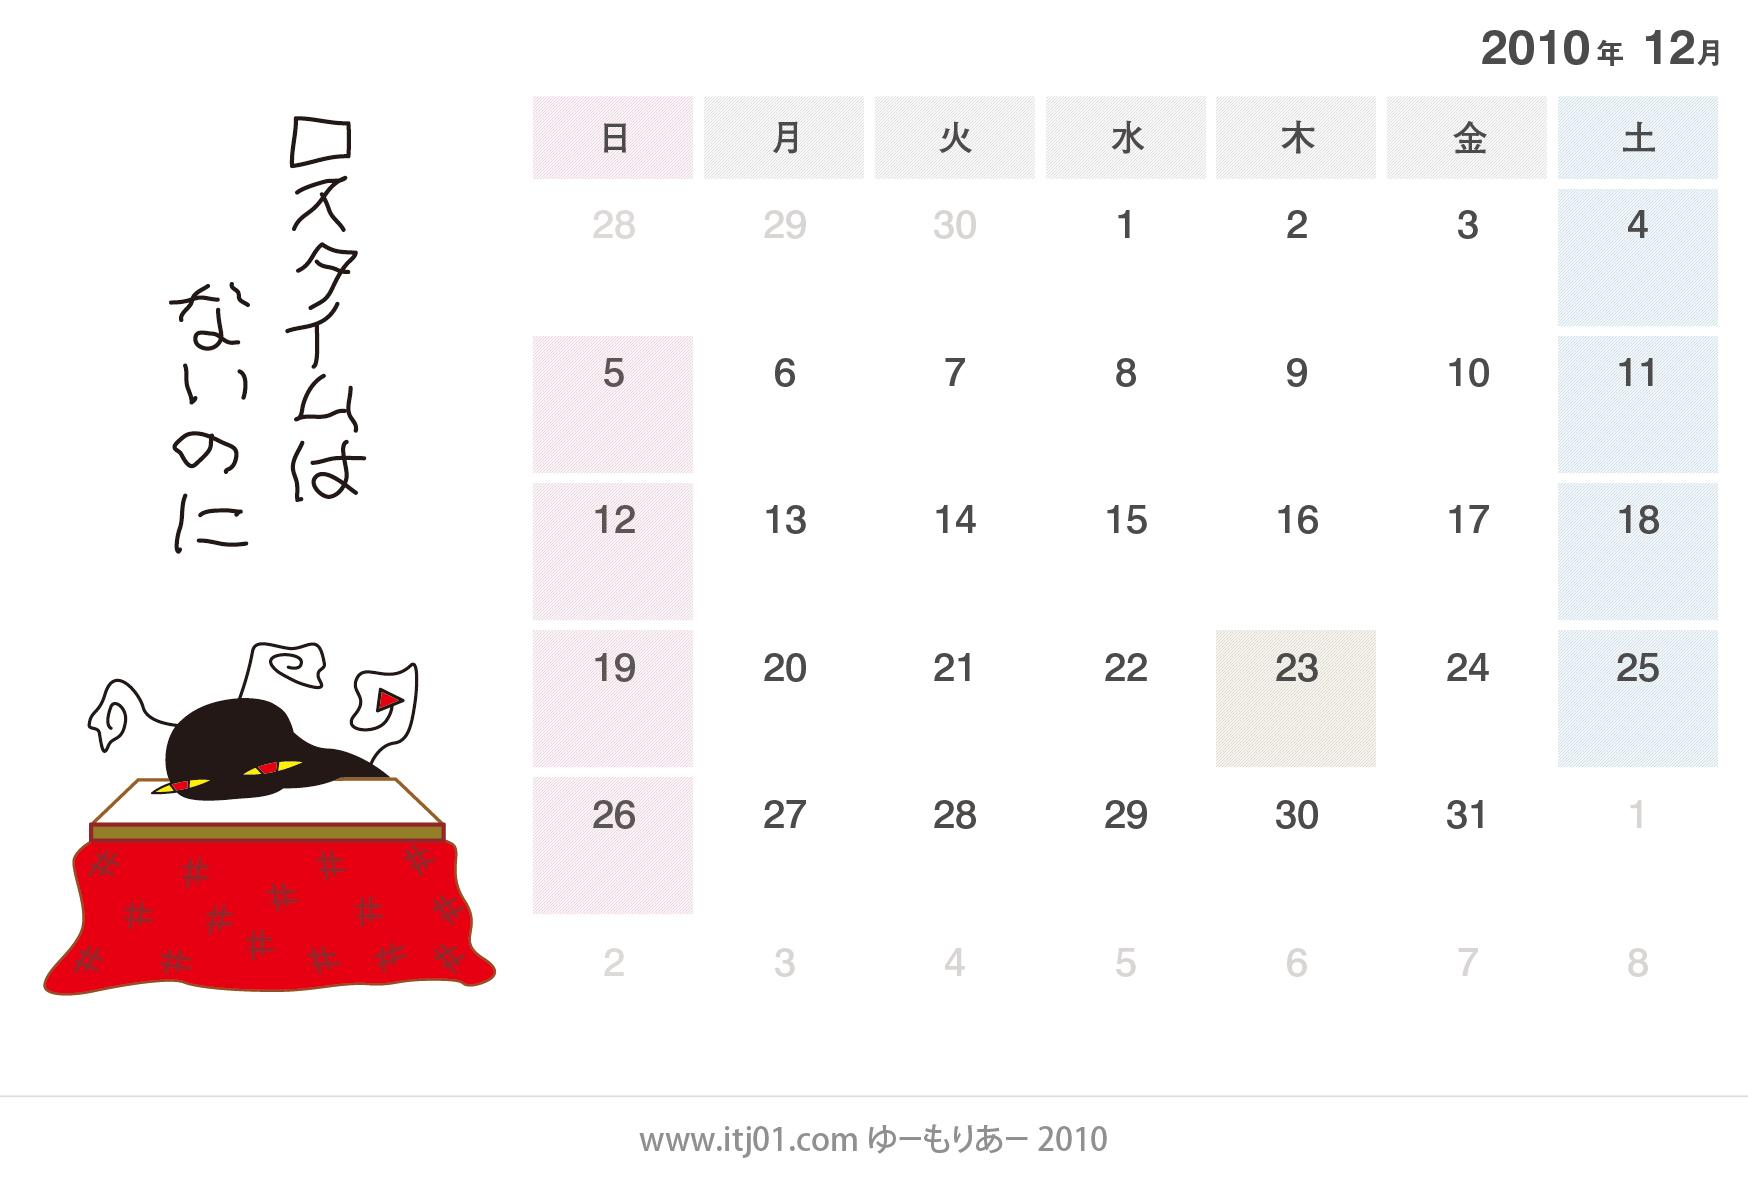 無料イラスト かわいい卓上カレンダー10年12月 ロスタイムはないのに ゆーもりあー